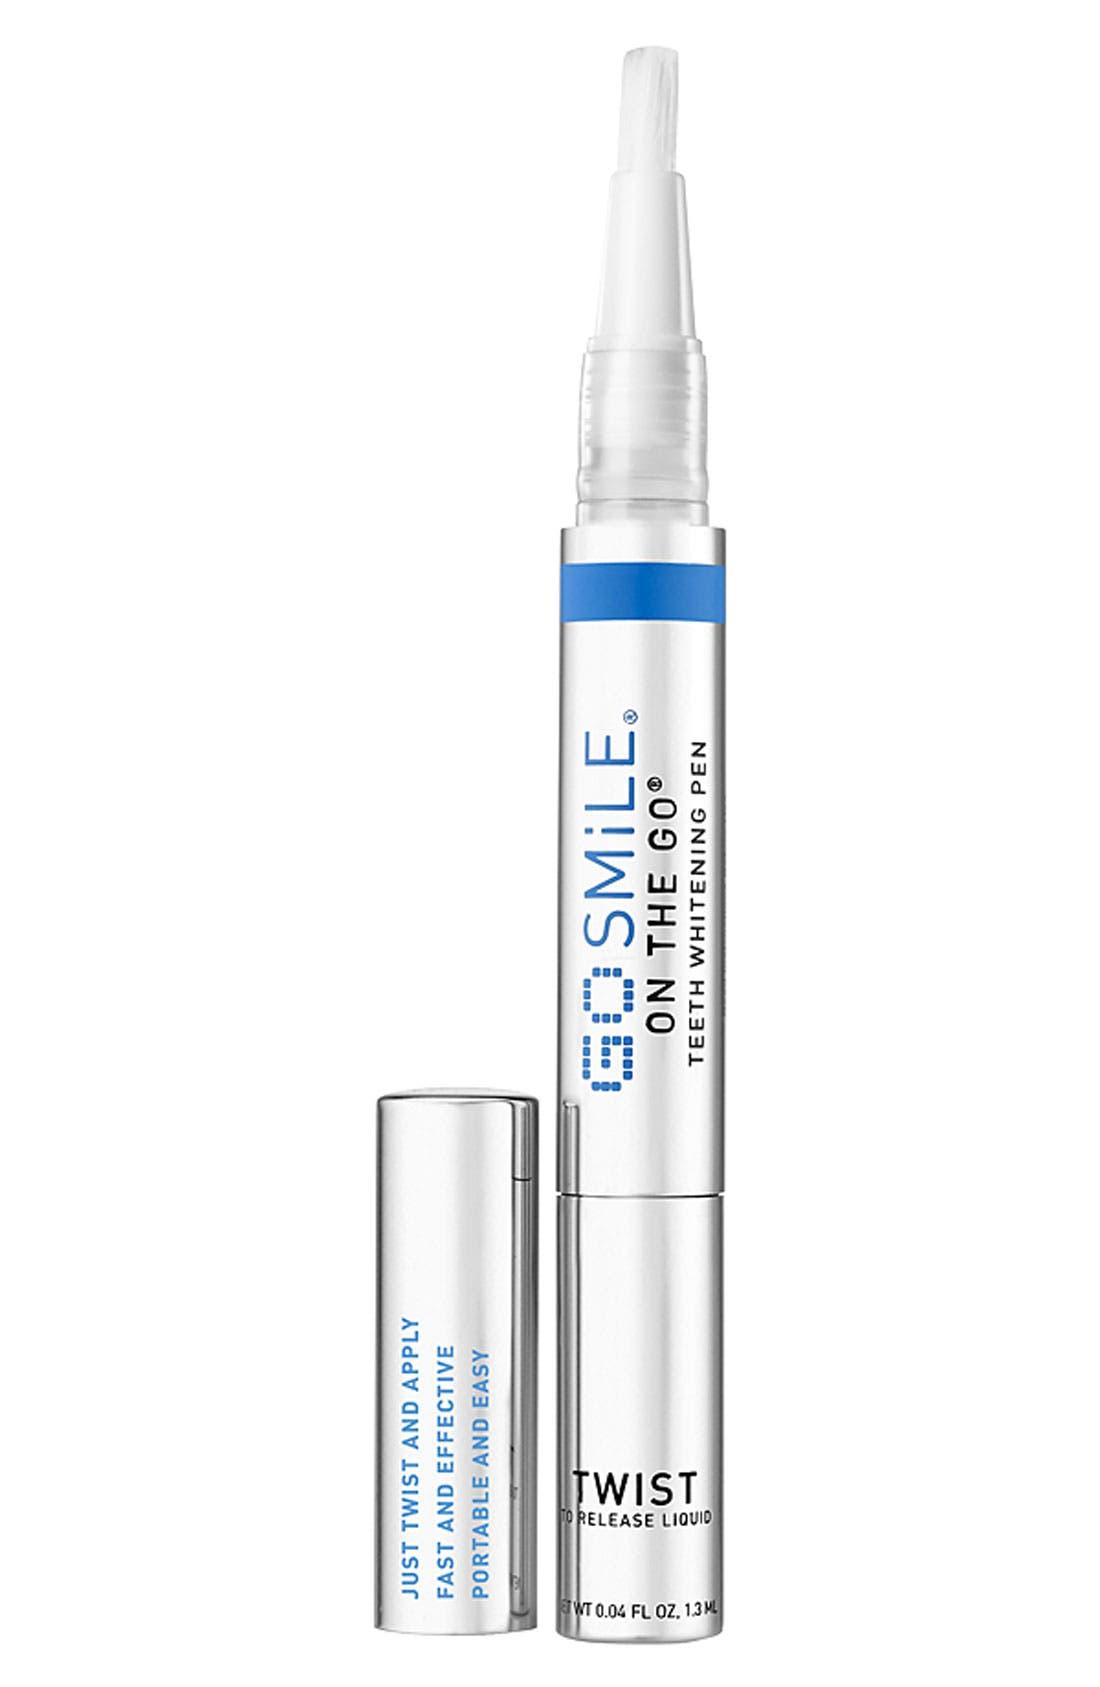 Go Smile 'On The Go' Teeth Whitening Pen